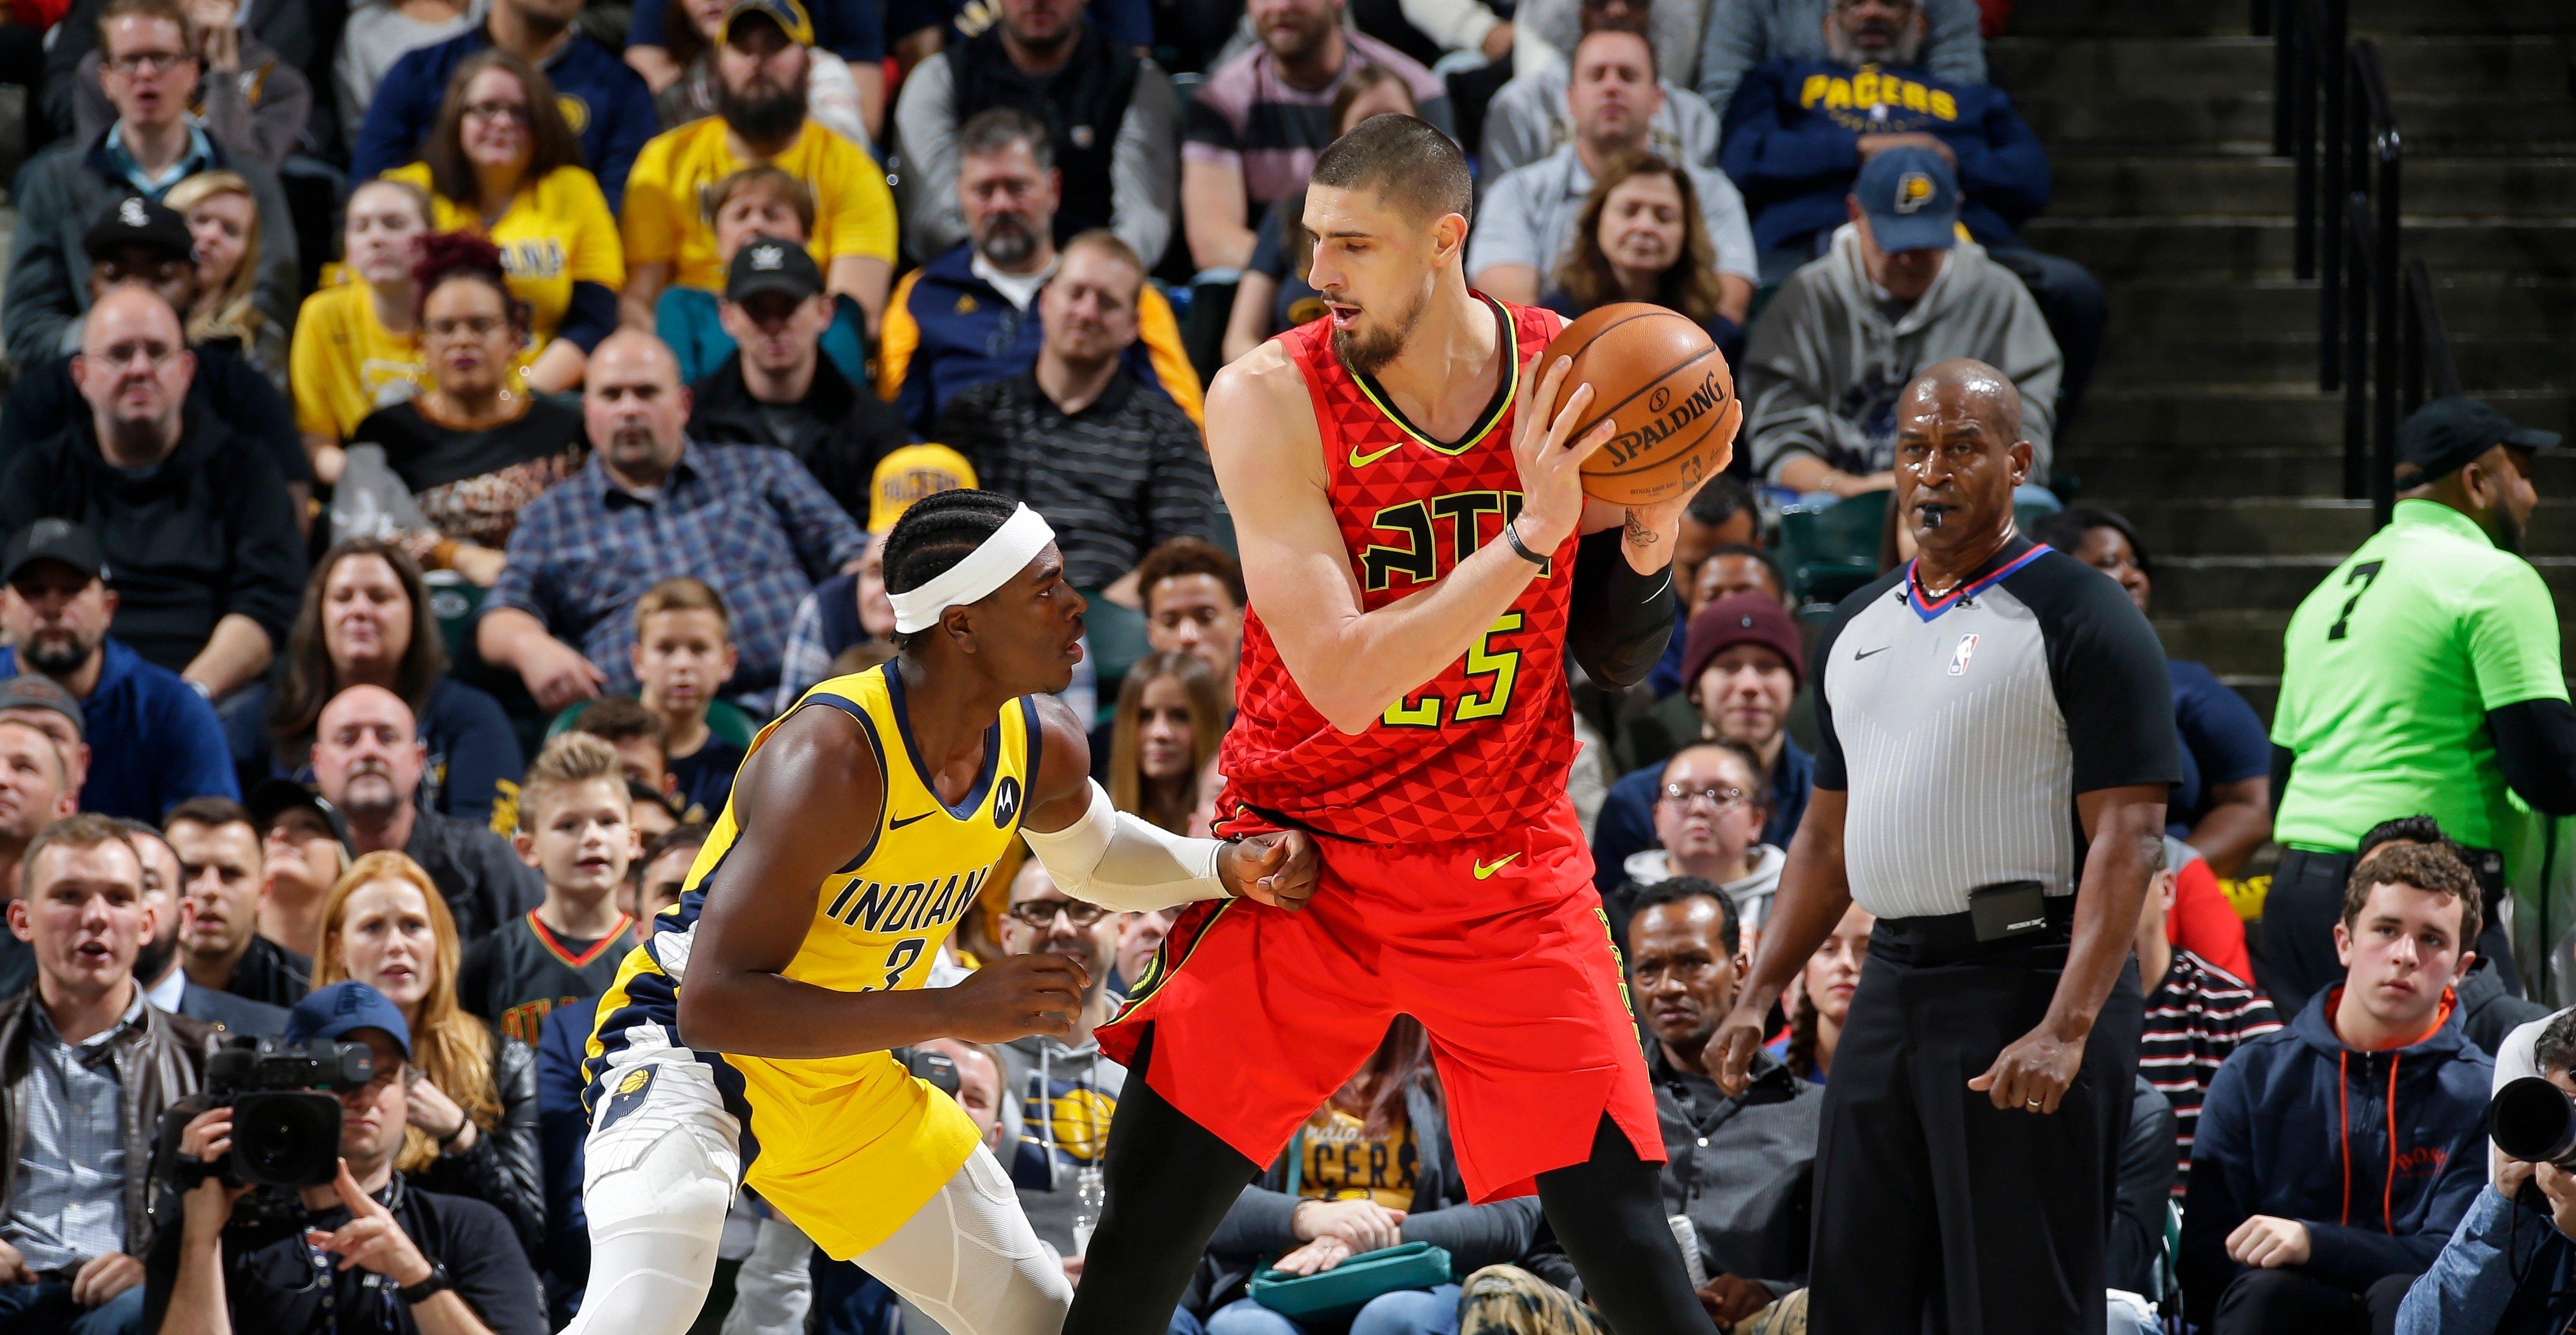 Українці в НБА: Лень провів результативний матч, Михайлюк відіграв 15 хвилин